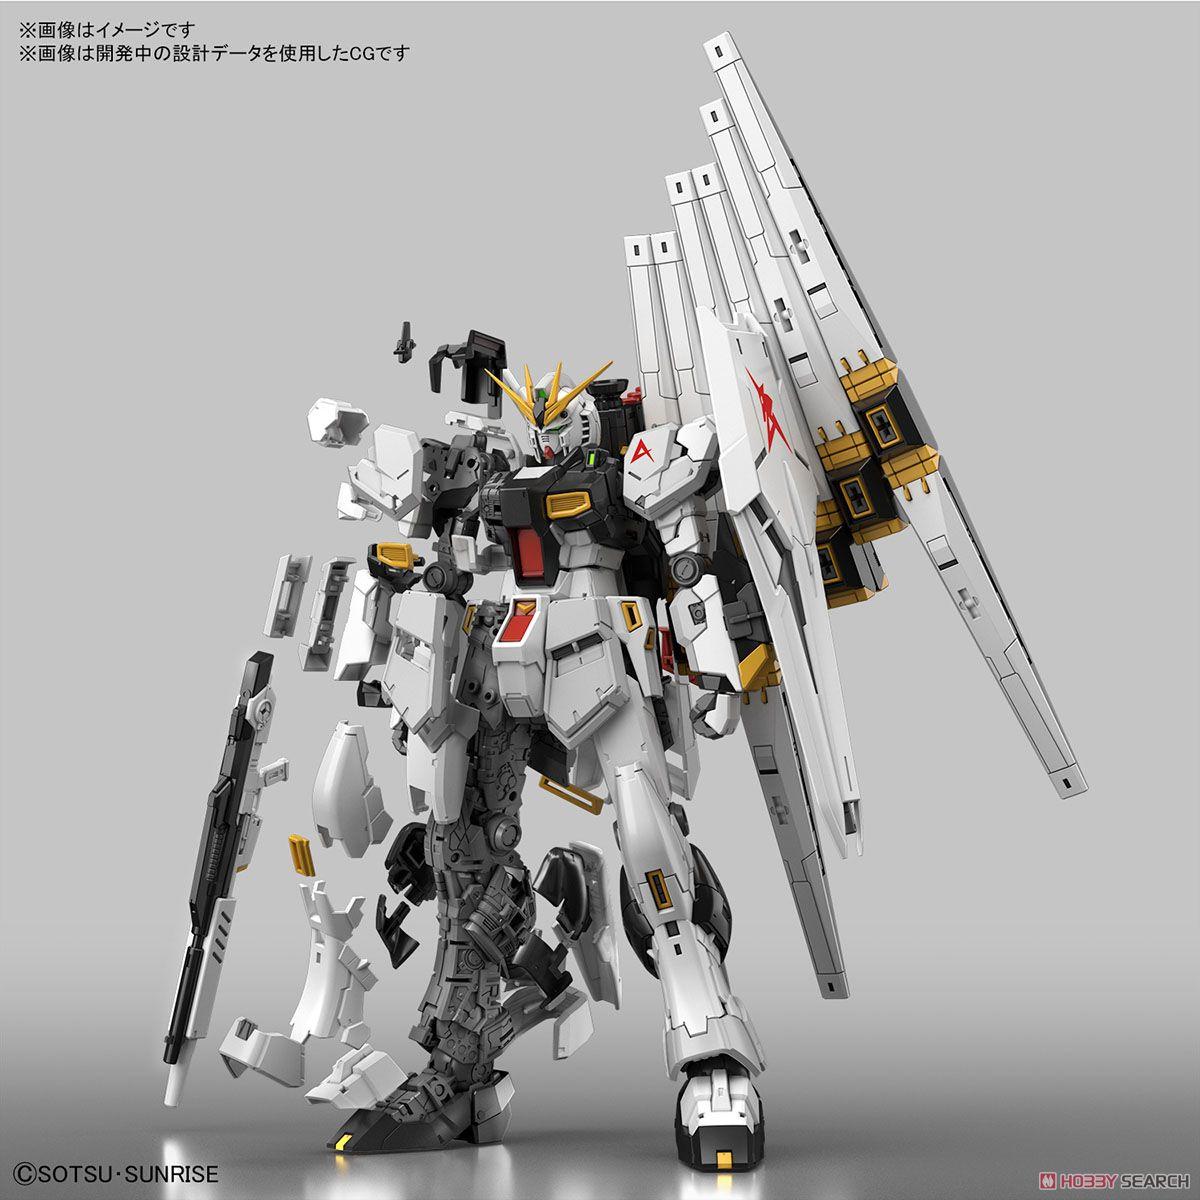 【再販】RG 1/144『νガンダム』逆襲のシャア プラモデル-003